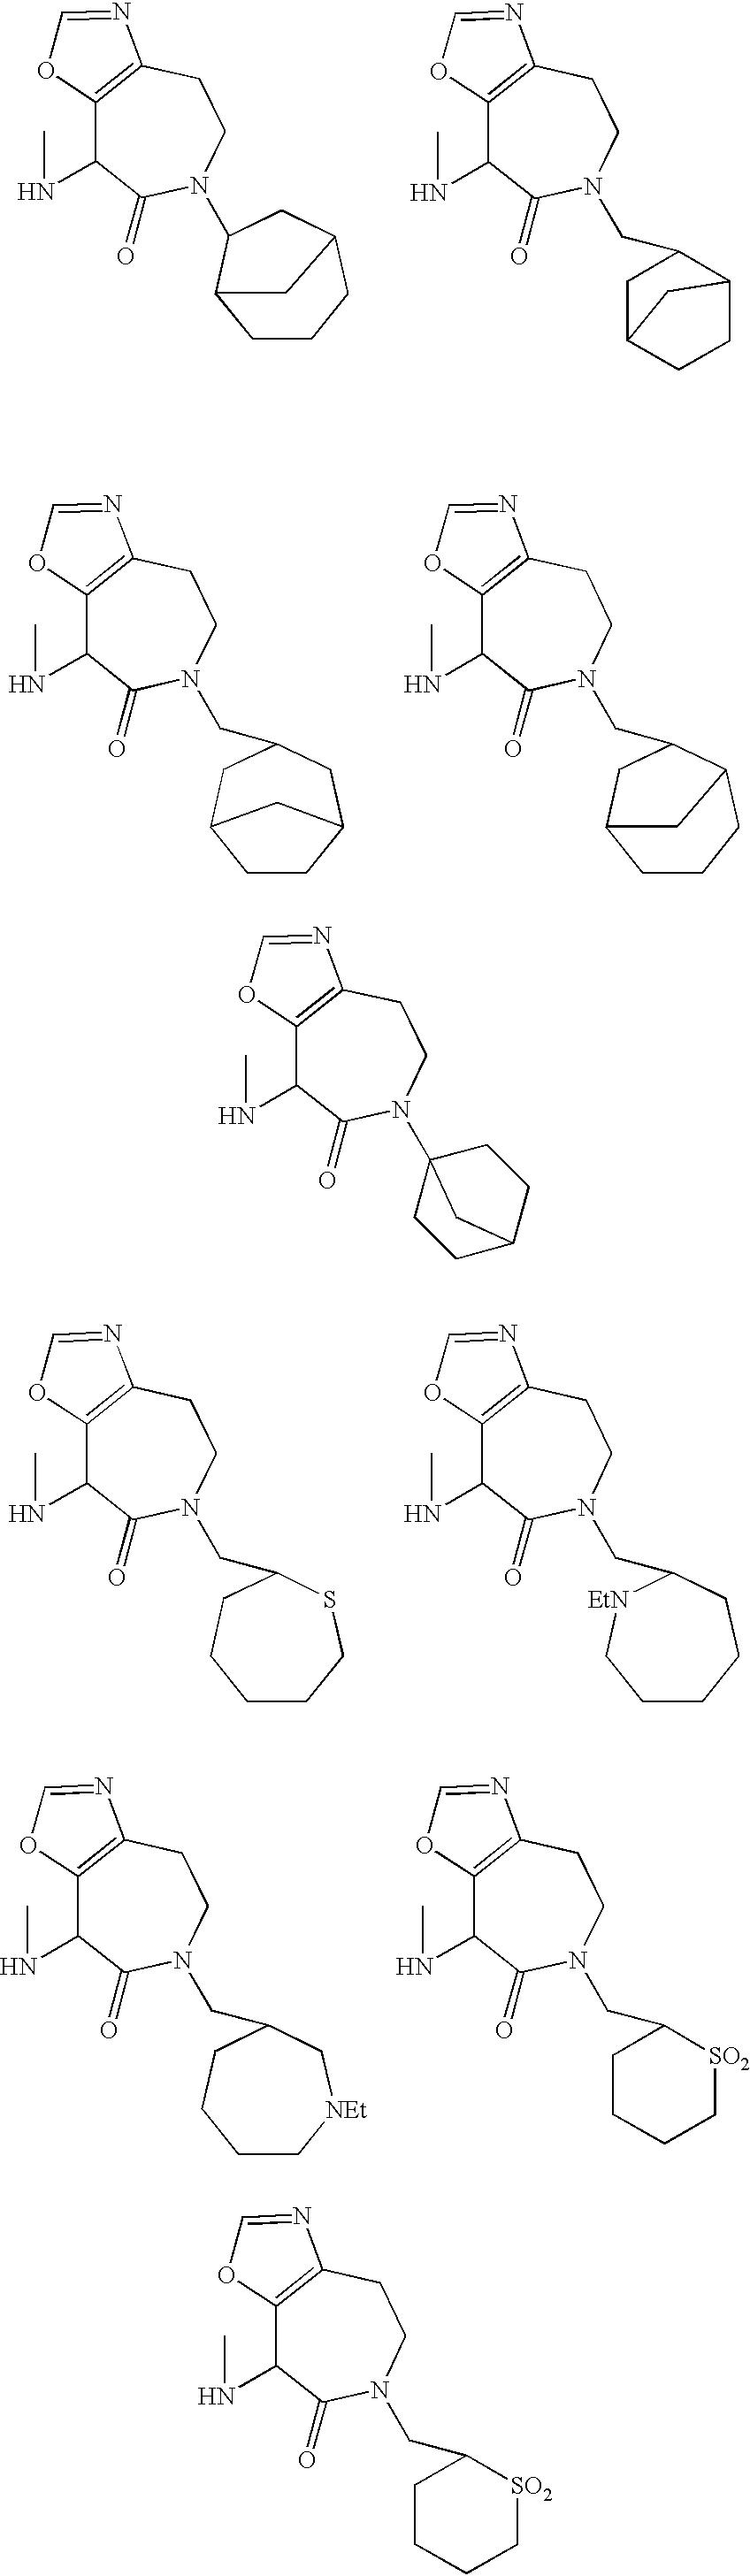 Figure US06509331-20030121-C00074